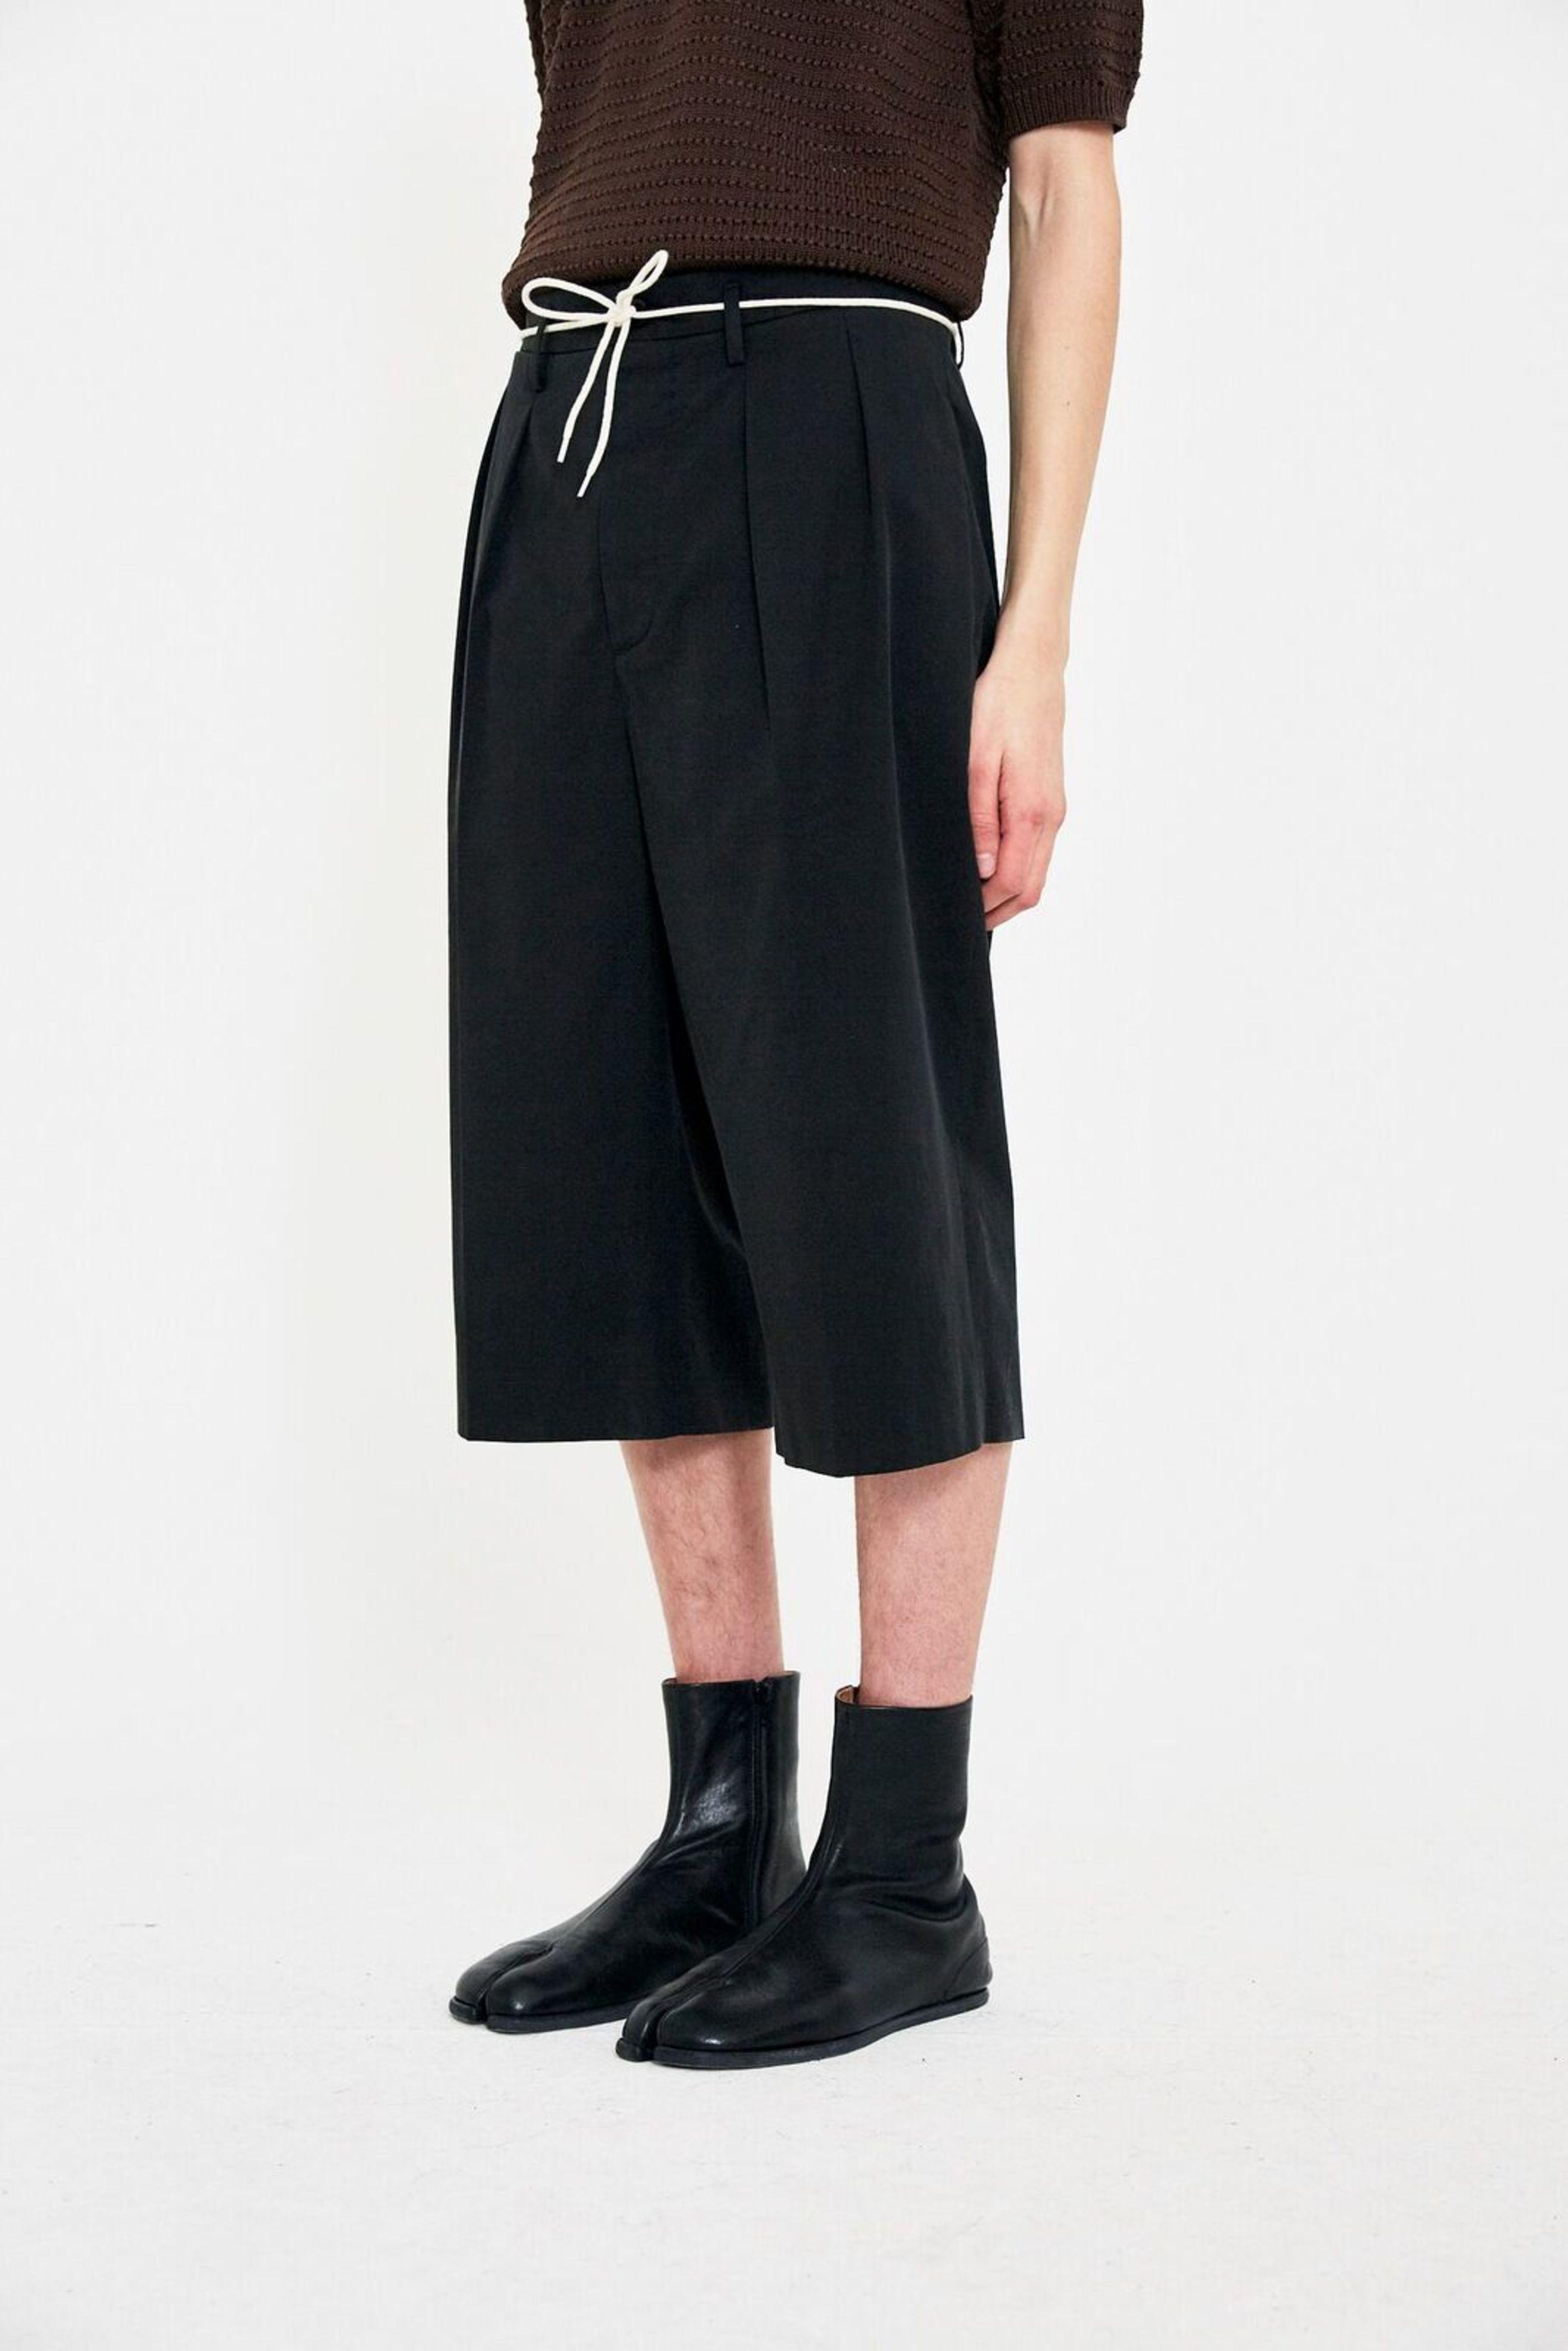 tailored shorts - Black Maison Martin Margiela nHtCYan6S